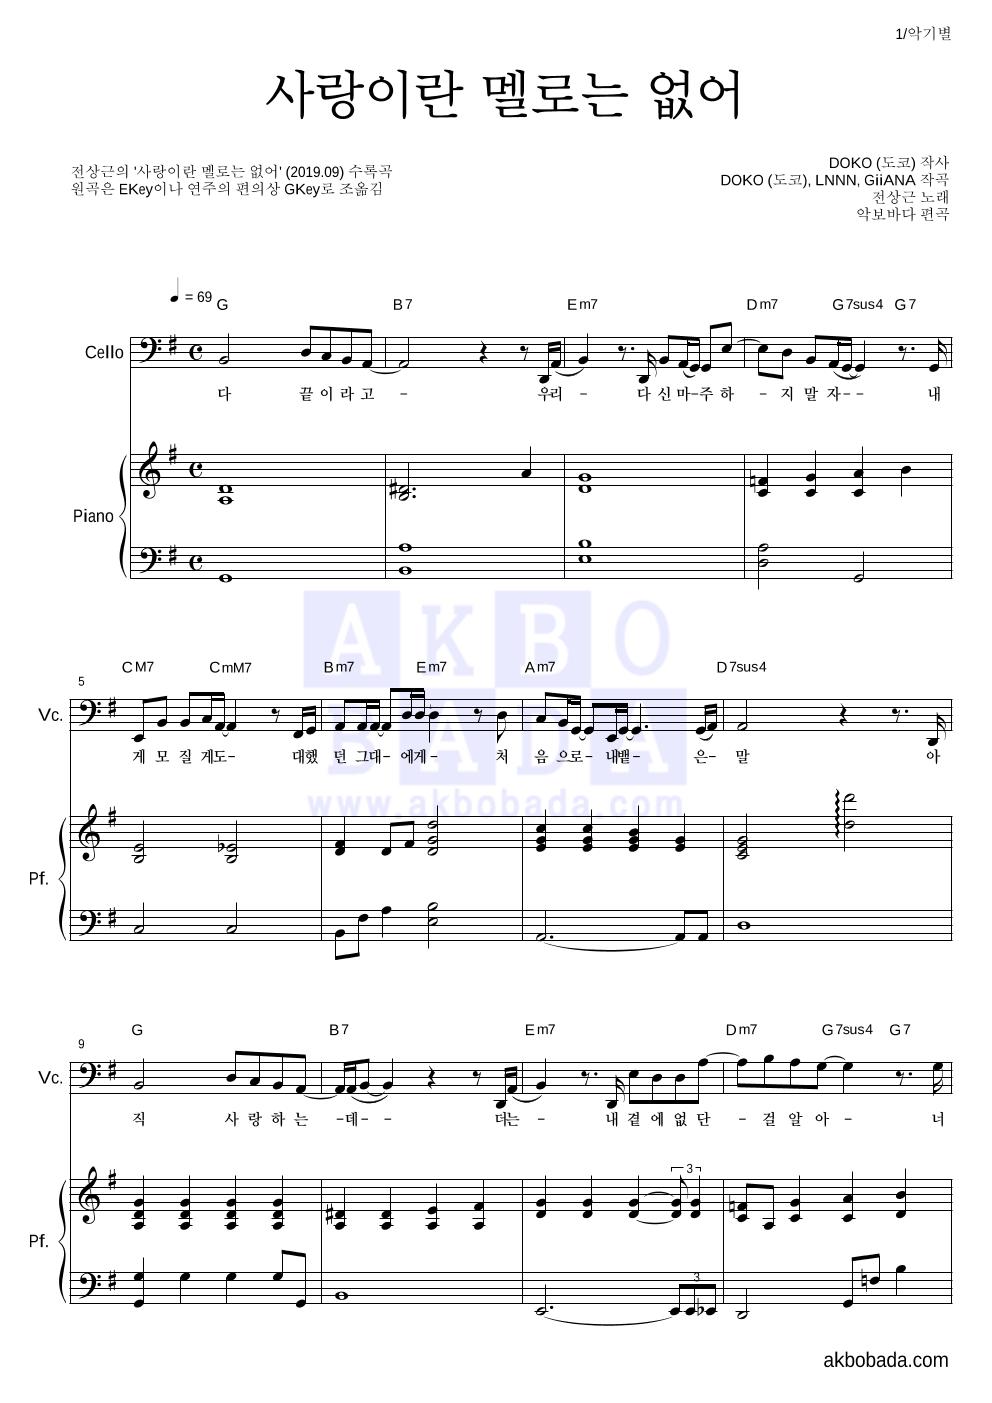 전상근 - 사랑이란 멜로는 없어 첼로&피아노 악보